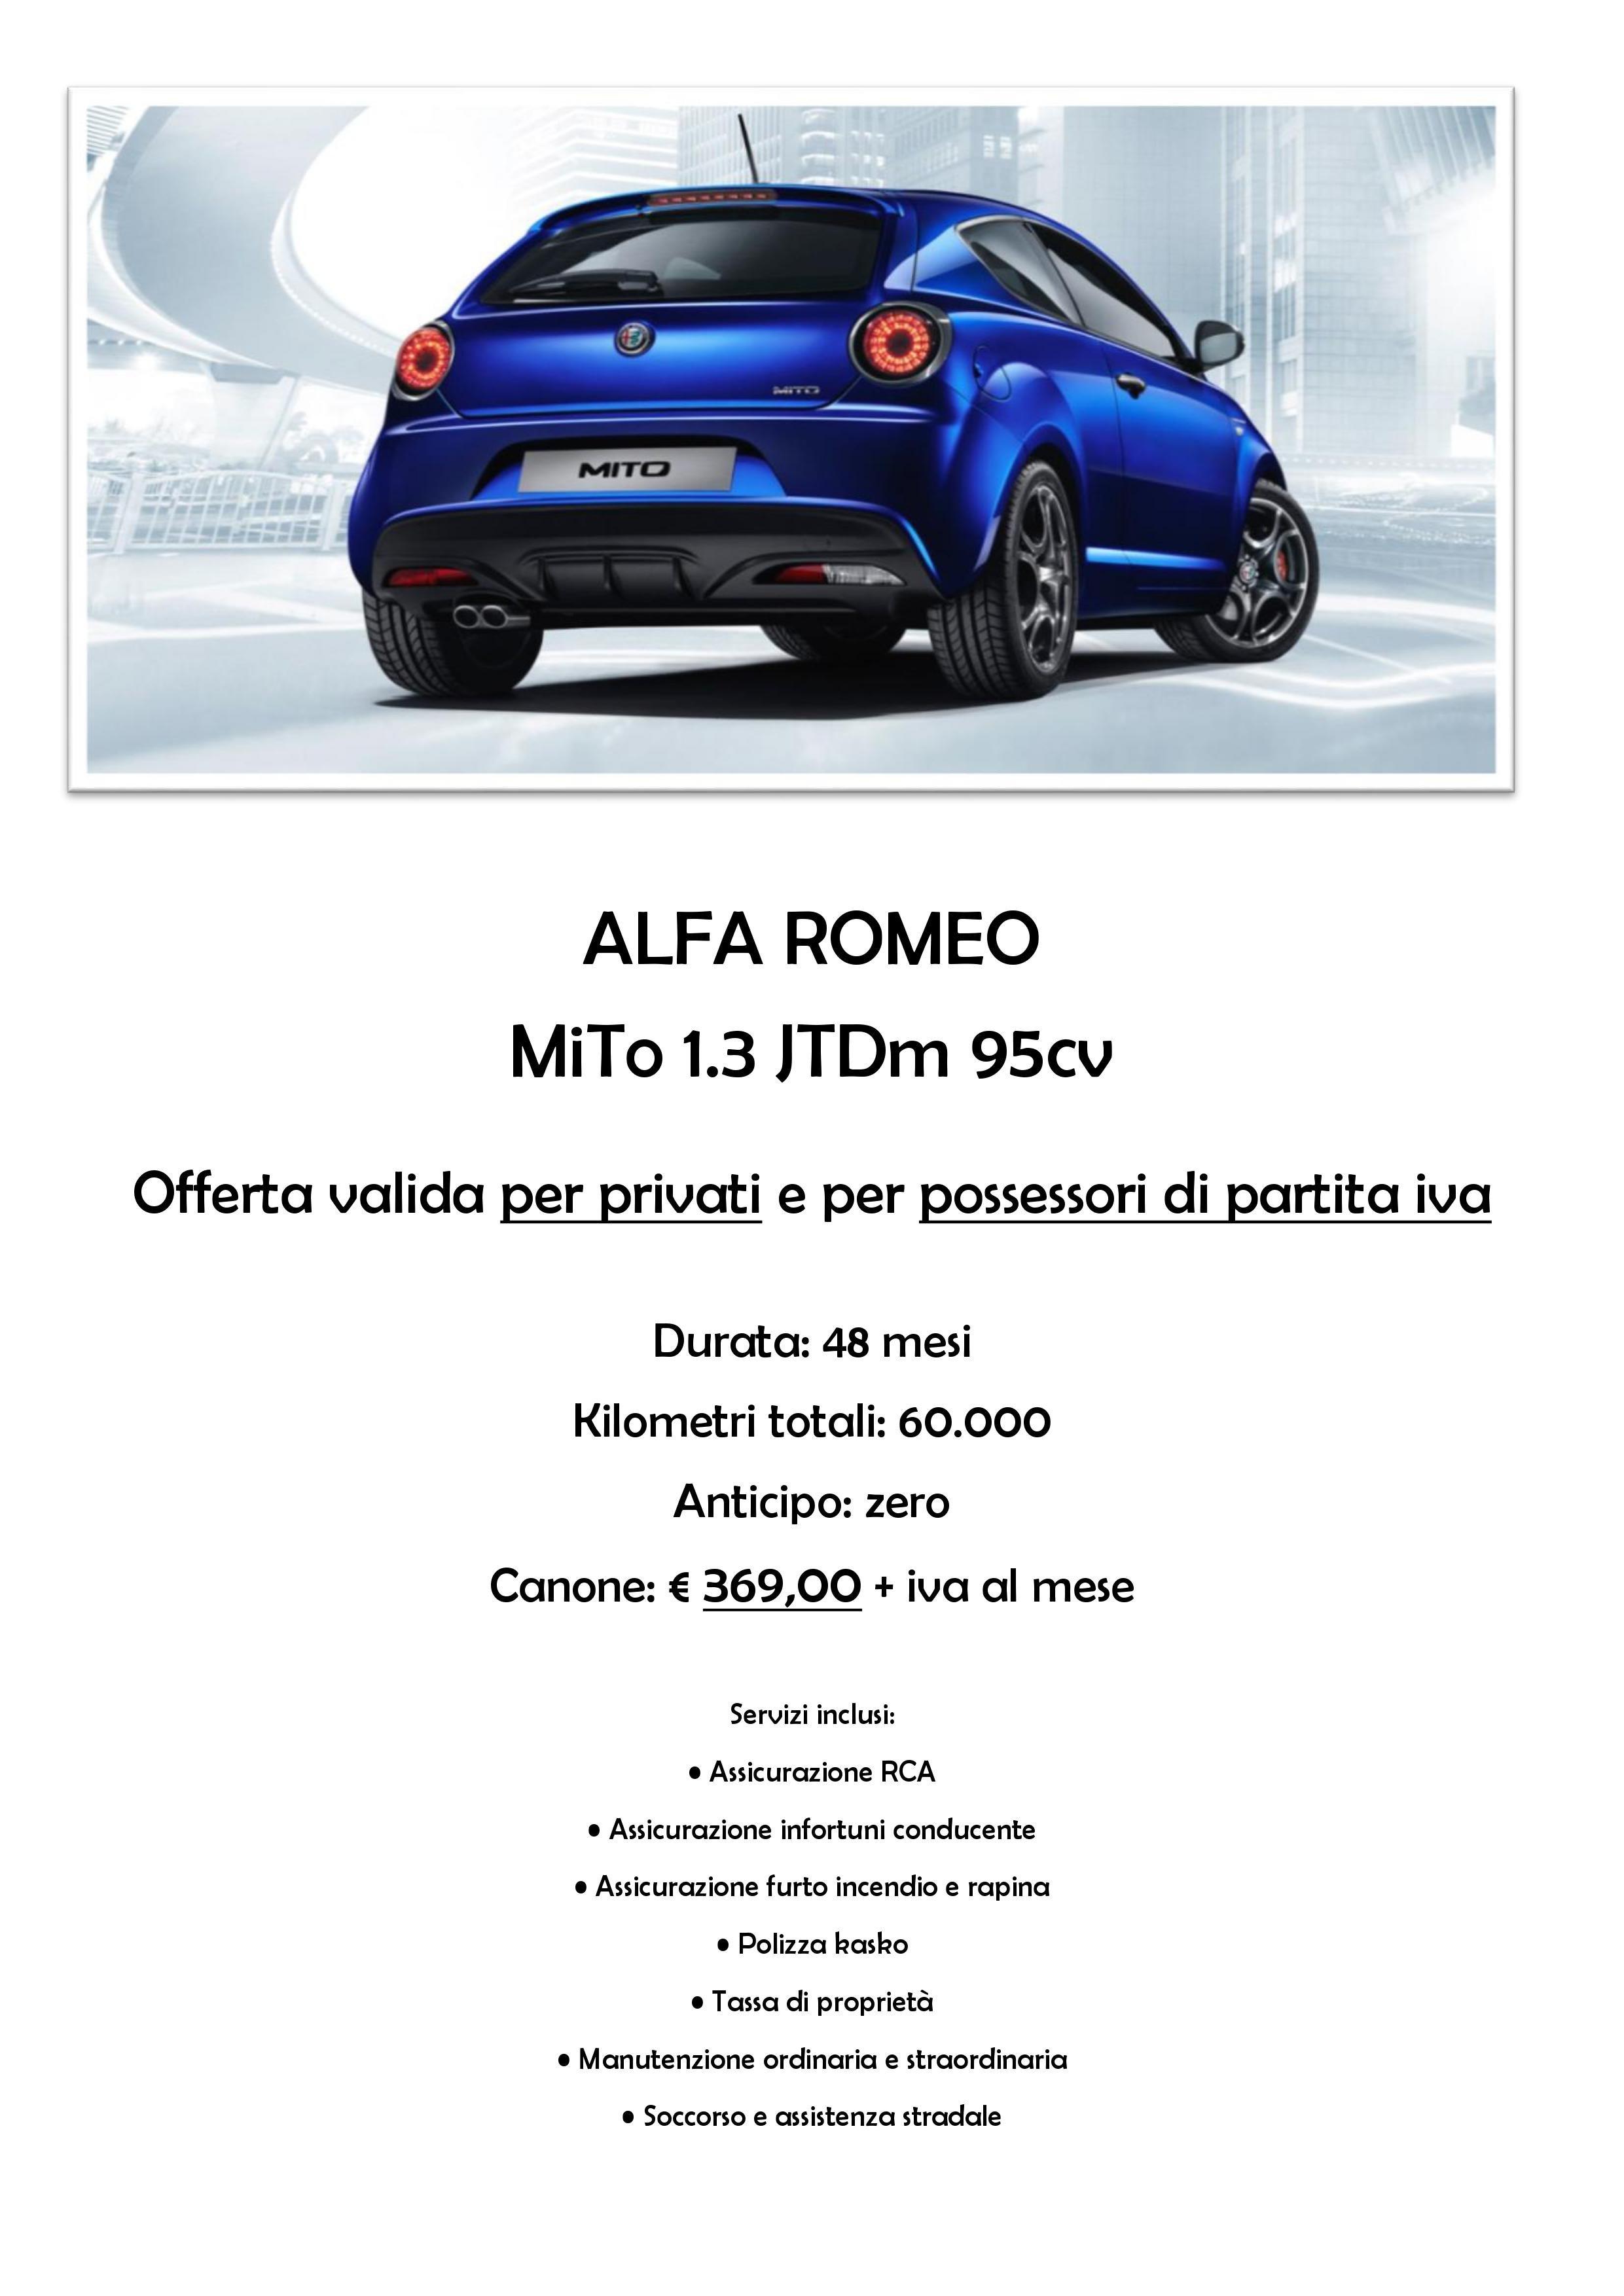 Promozione Alfa Romeo Mito